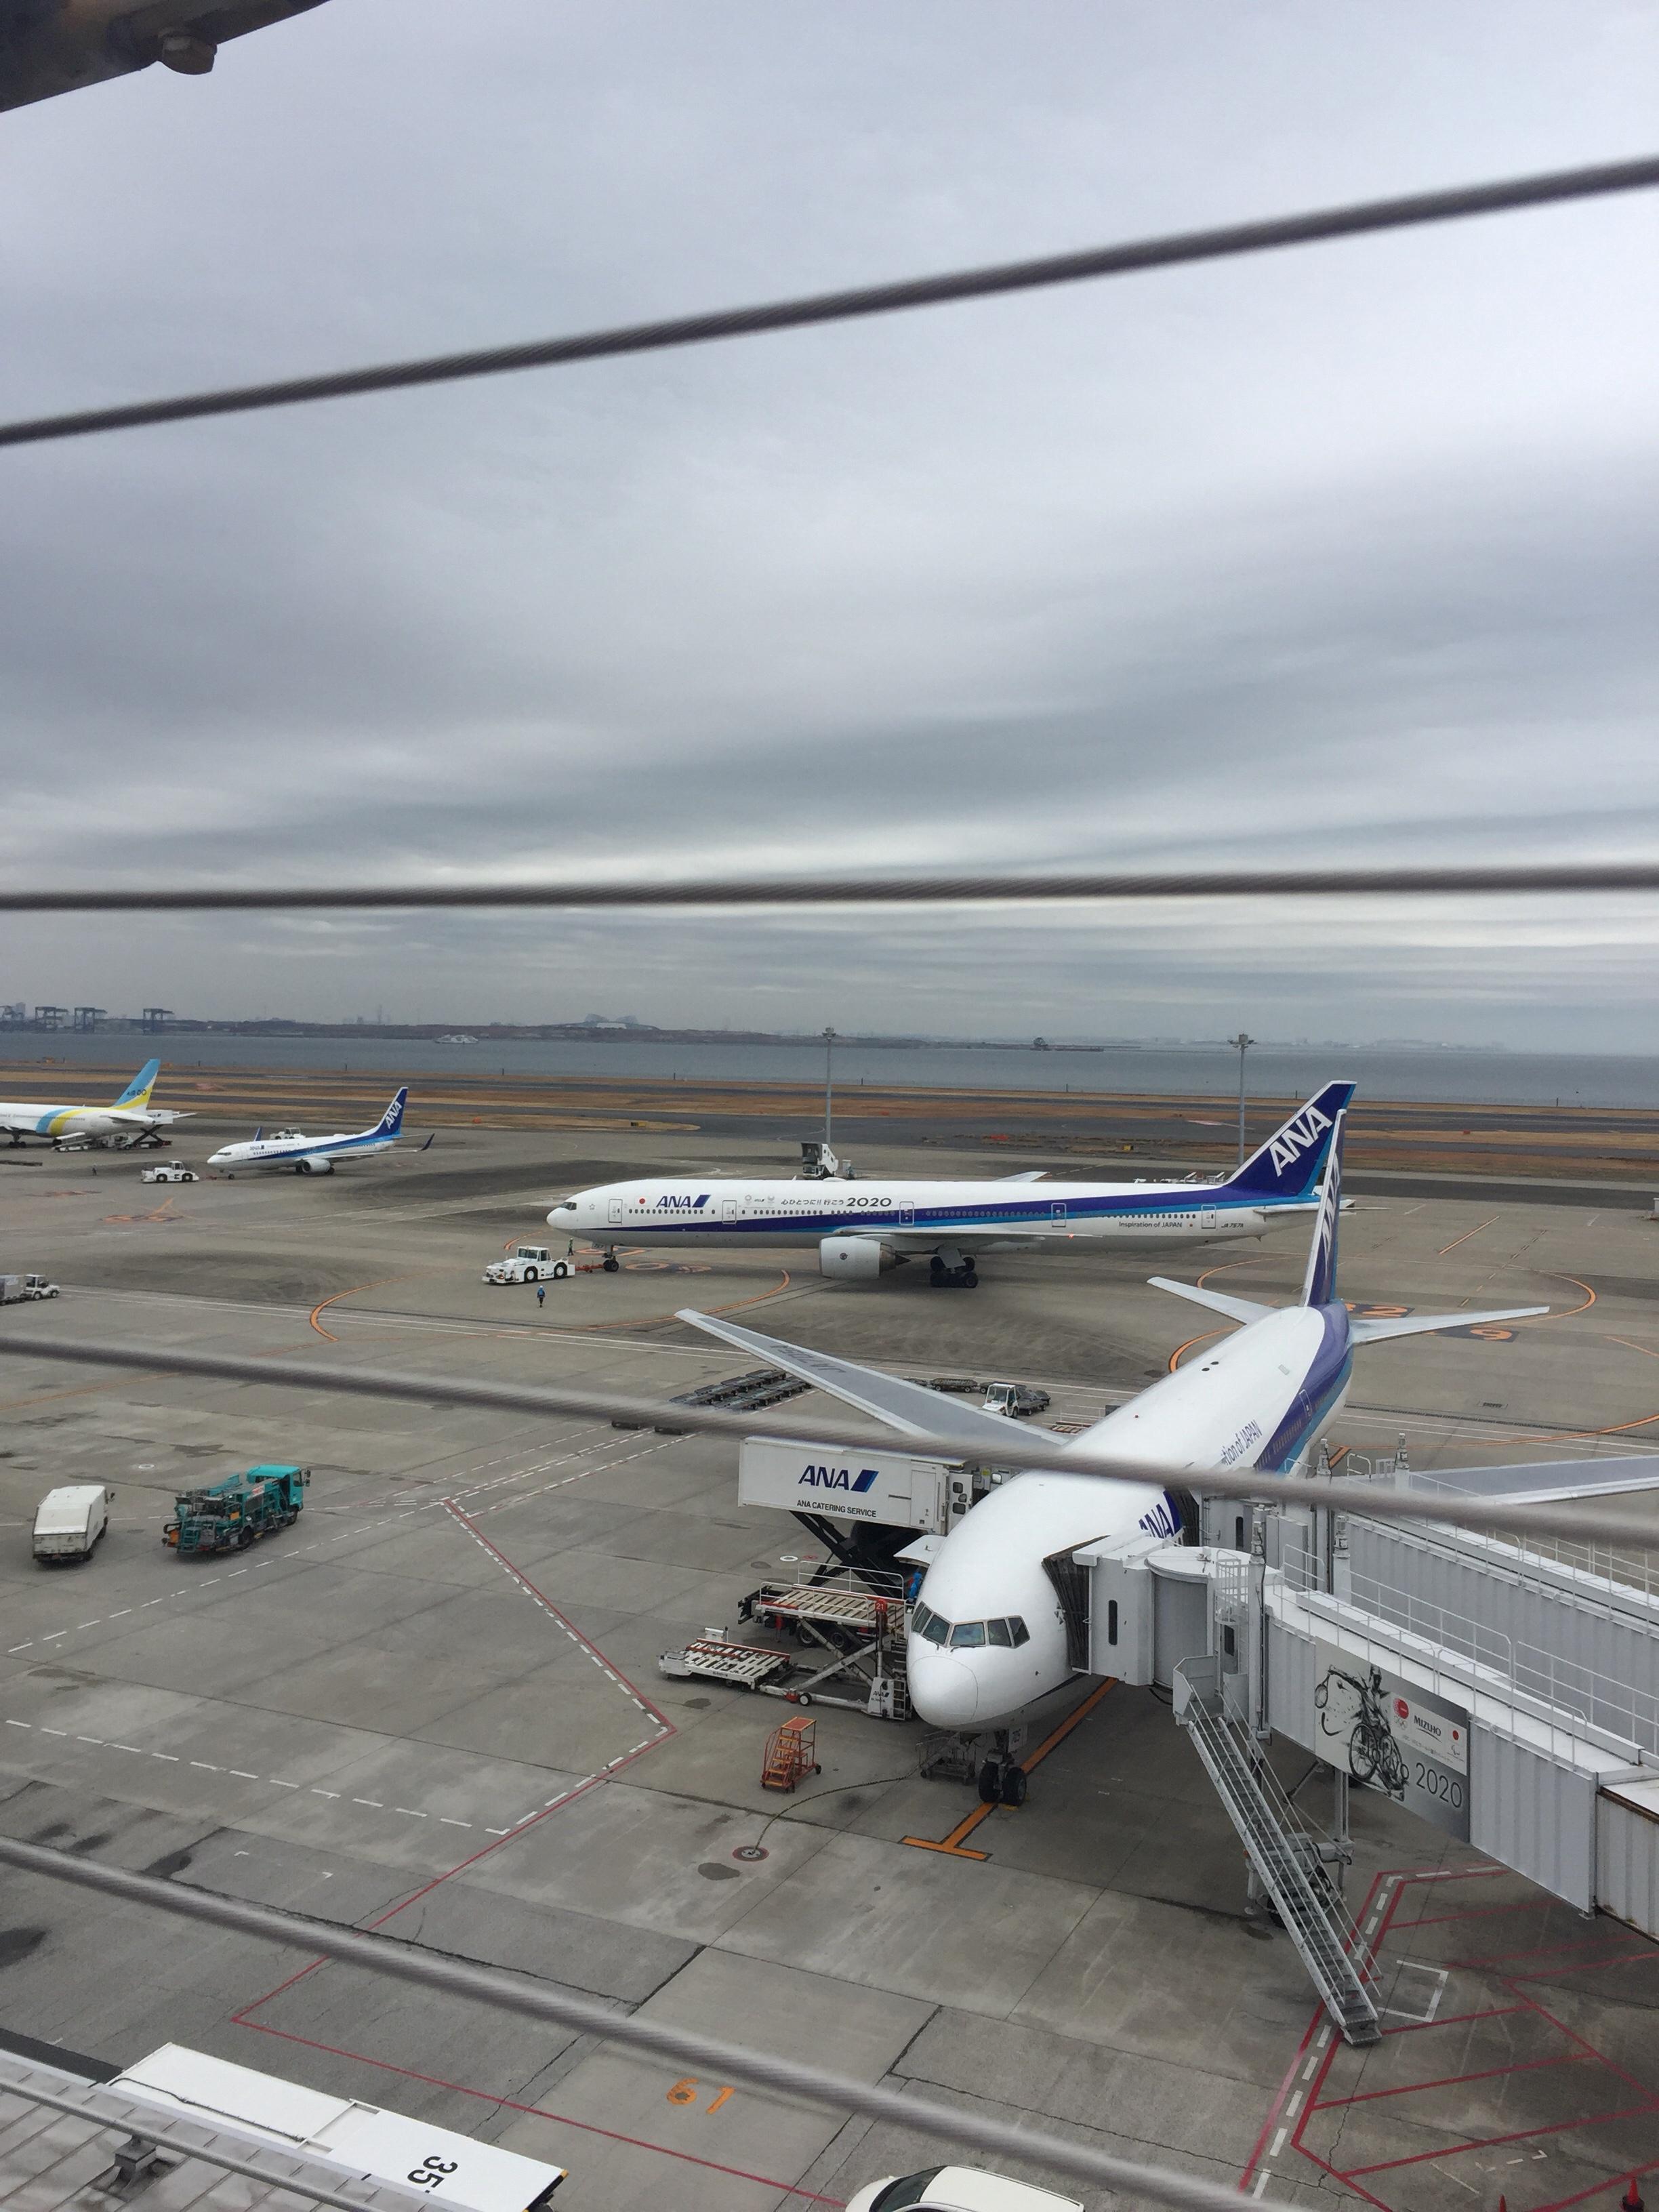 羽田空港で飛行機がよく見えるスポット